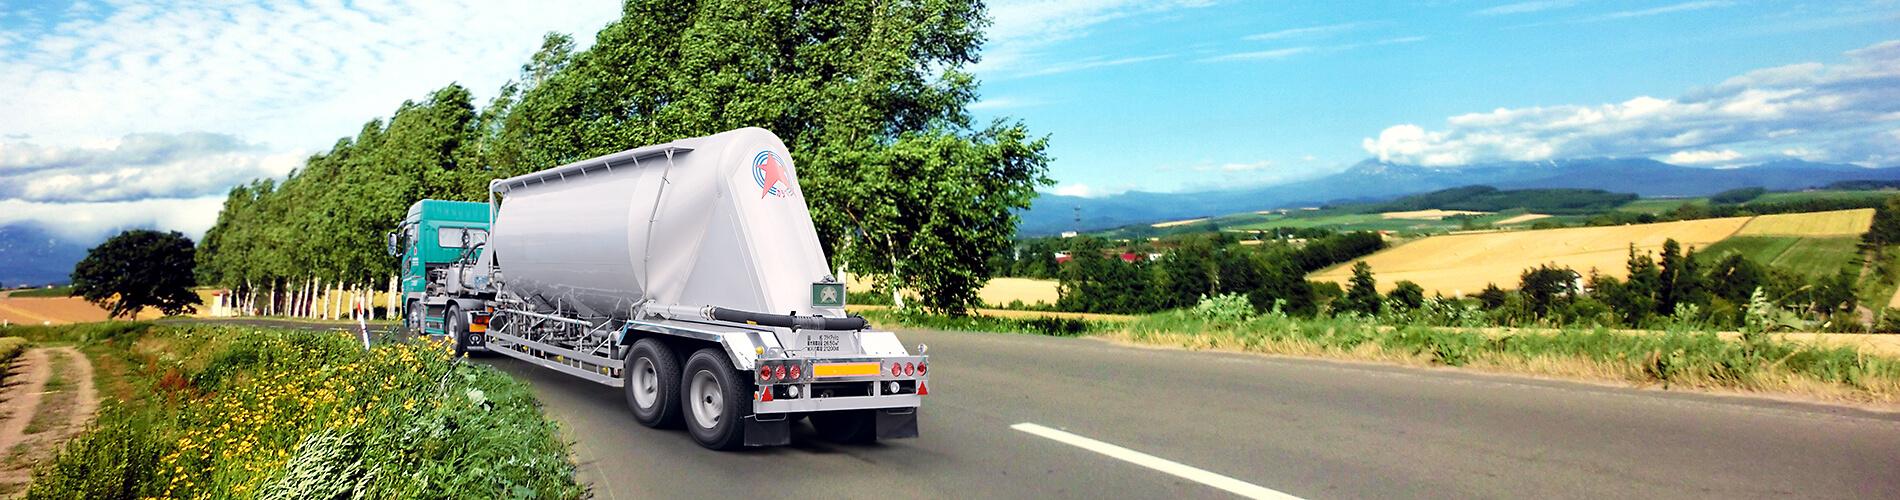 丘陵地を走る粉粒体運搬トレーラ